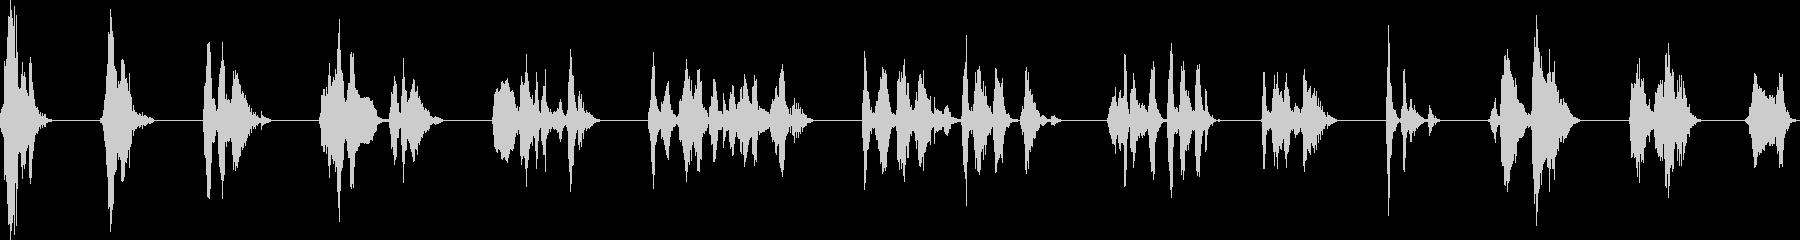 デジタル音声;男性1;コンピュータ...の未再生の波形